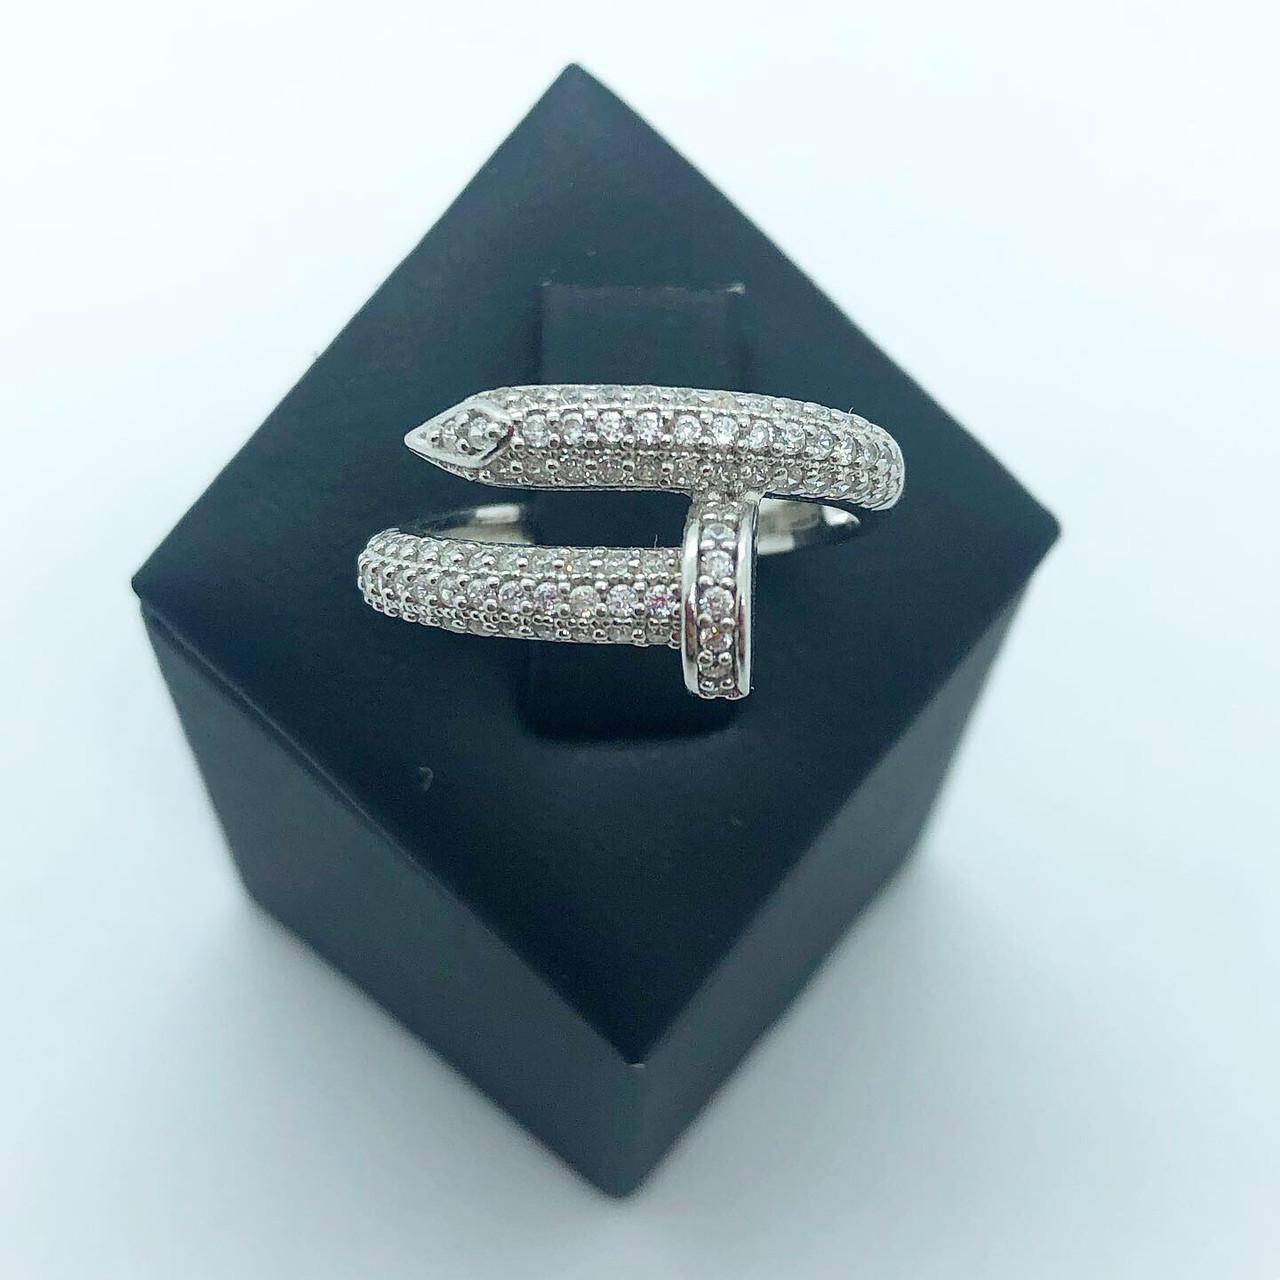 Кольцо из серебра в стиле картье Juste Un Glow белые камни (размер 17 )